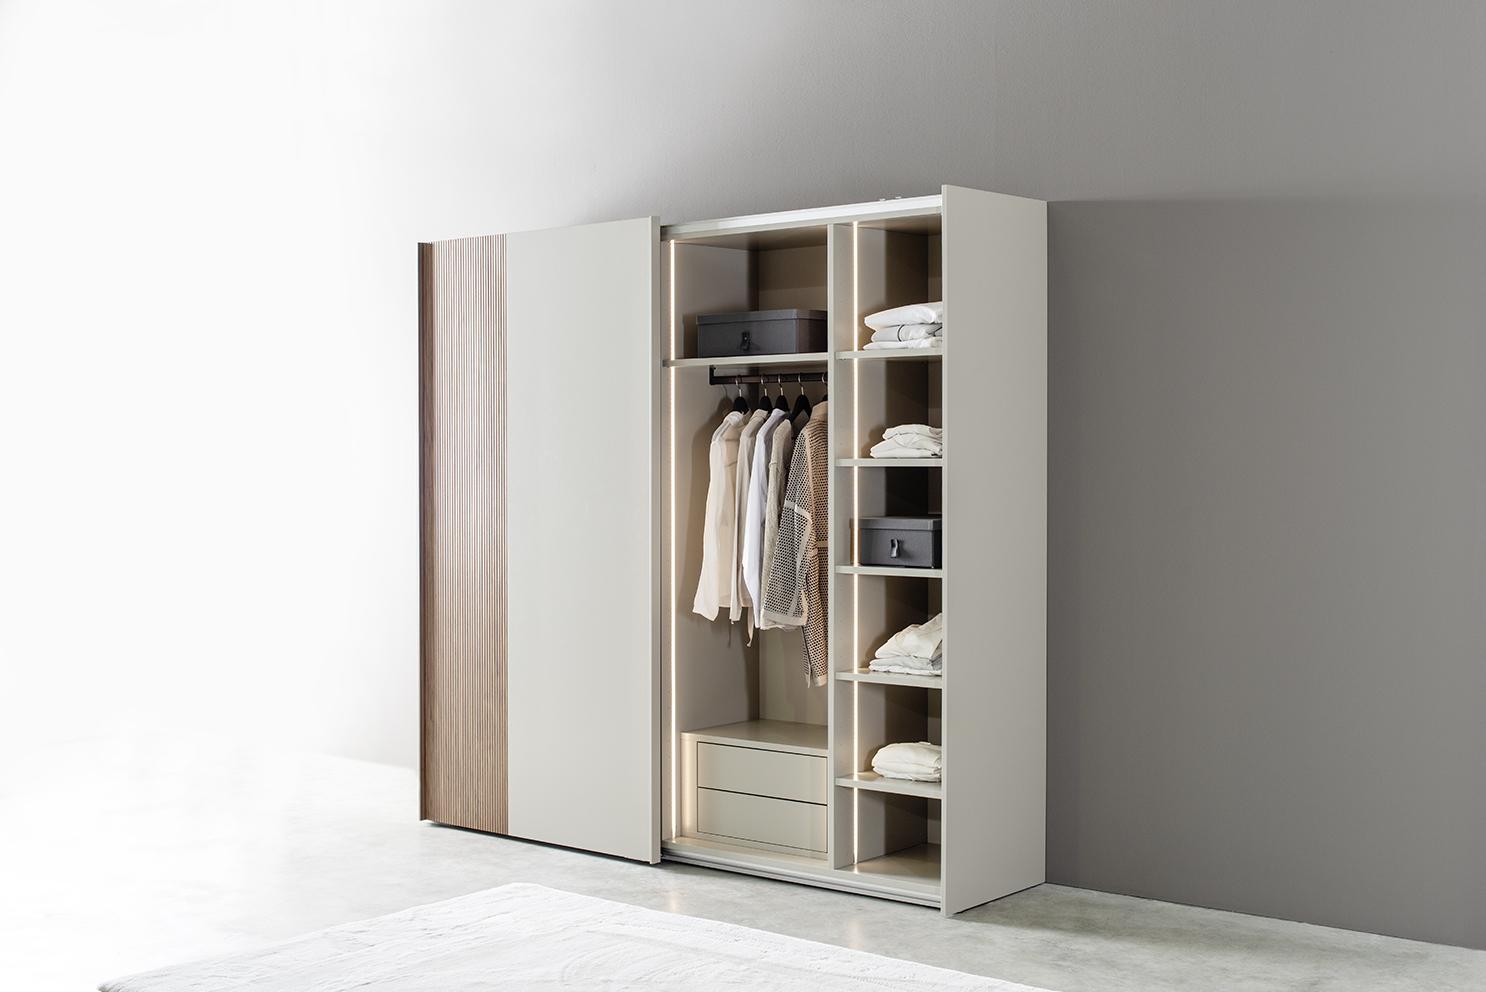 Kleiderschrank MIRIA Schrank weiß Sudbrock Schiebetürenschrank Schlafzimmer Schiebetüren braun Nussbaum grau Innenschubkästen